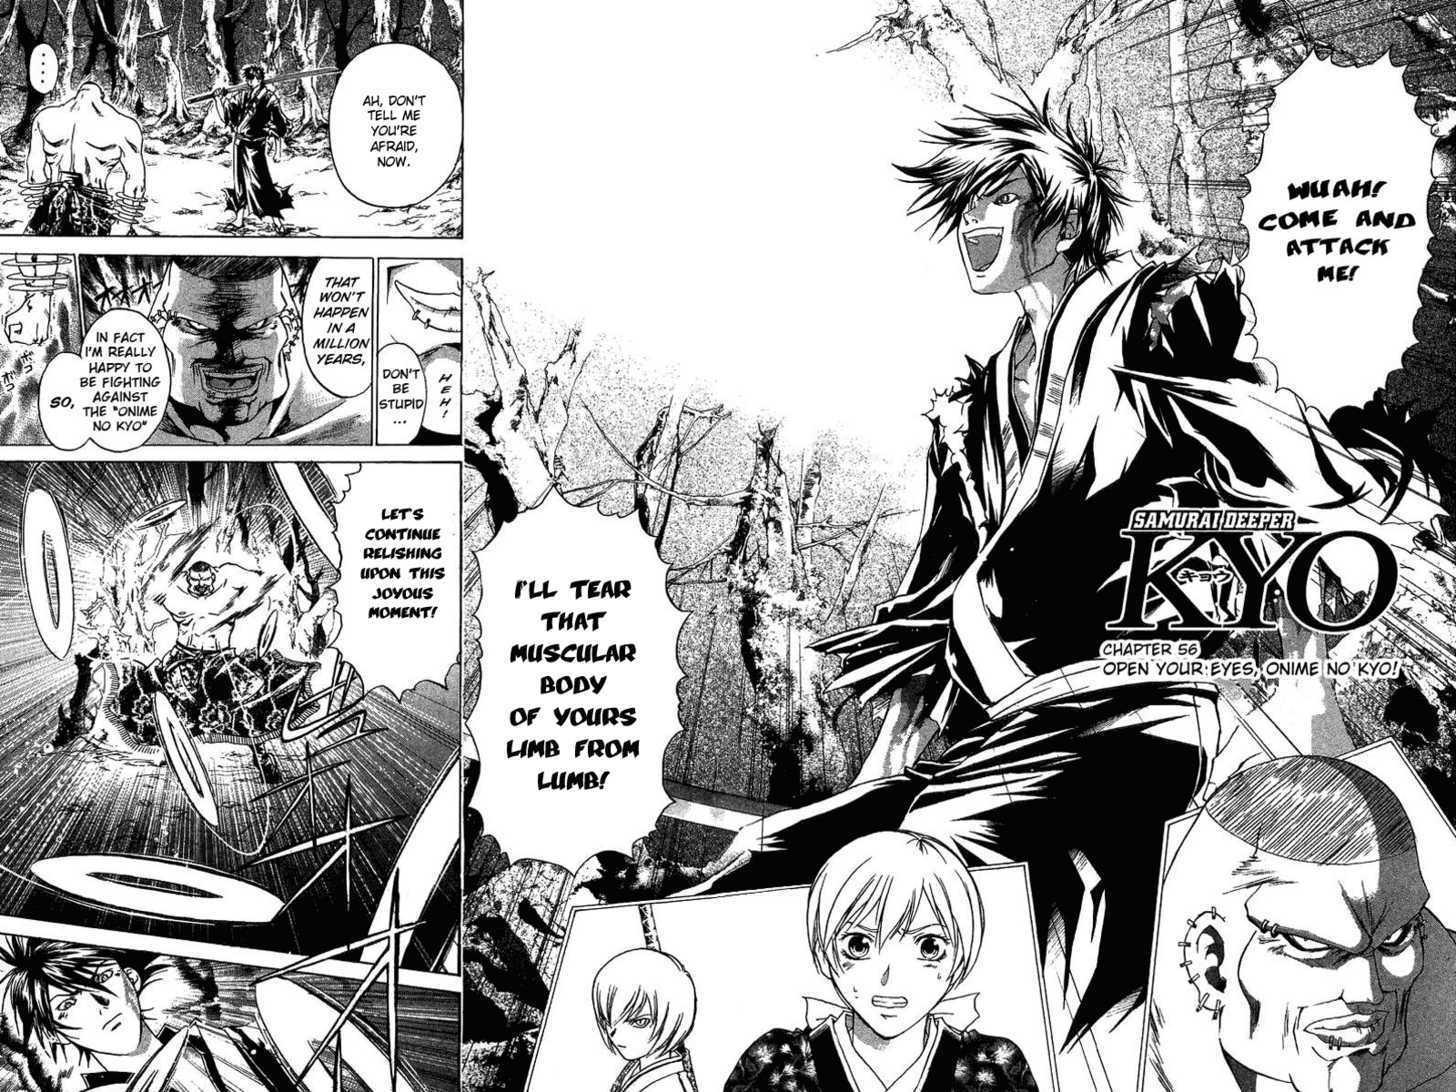 Samurai Deeper Kyo 56 Page 2